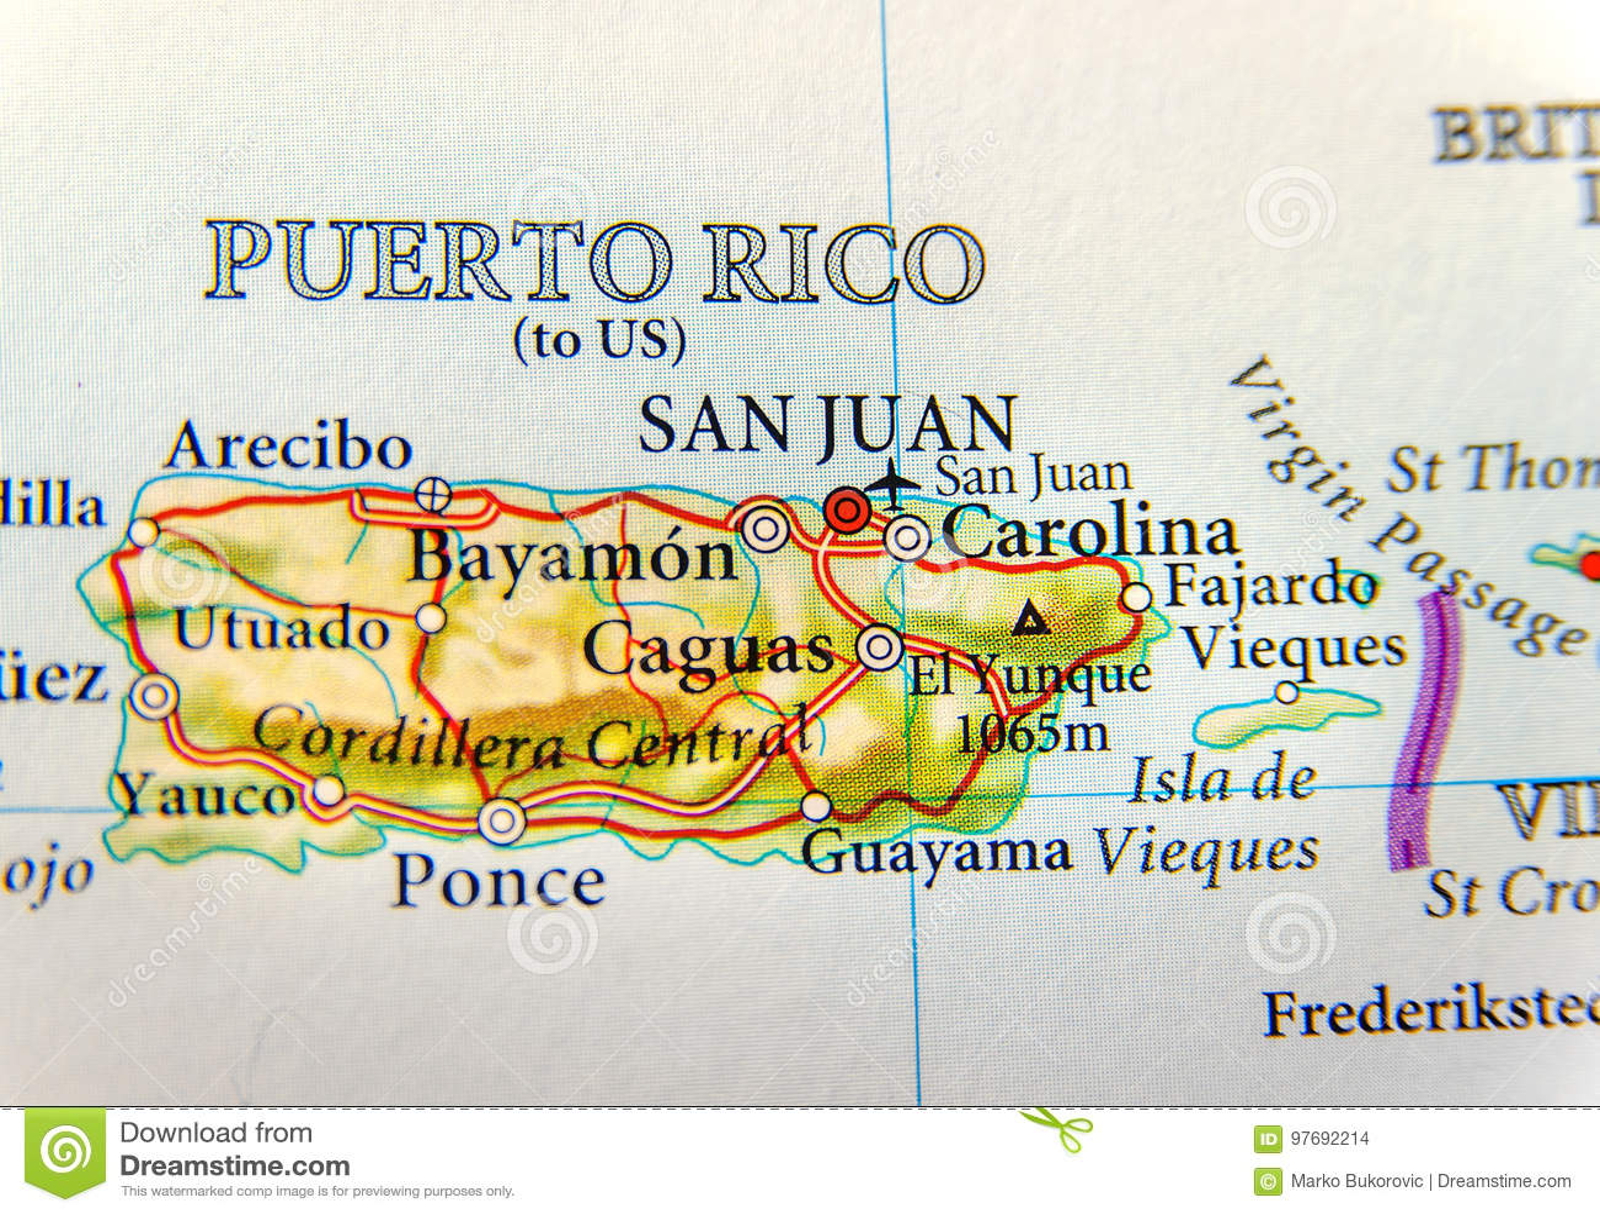 Mapa geográfico de Puerto Rico con la capital San Juan